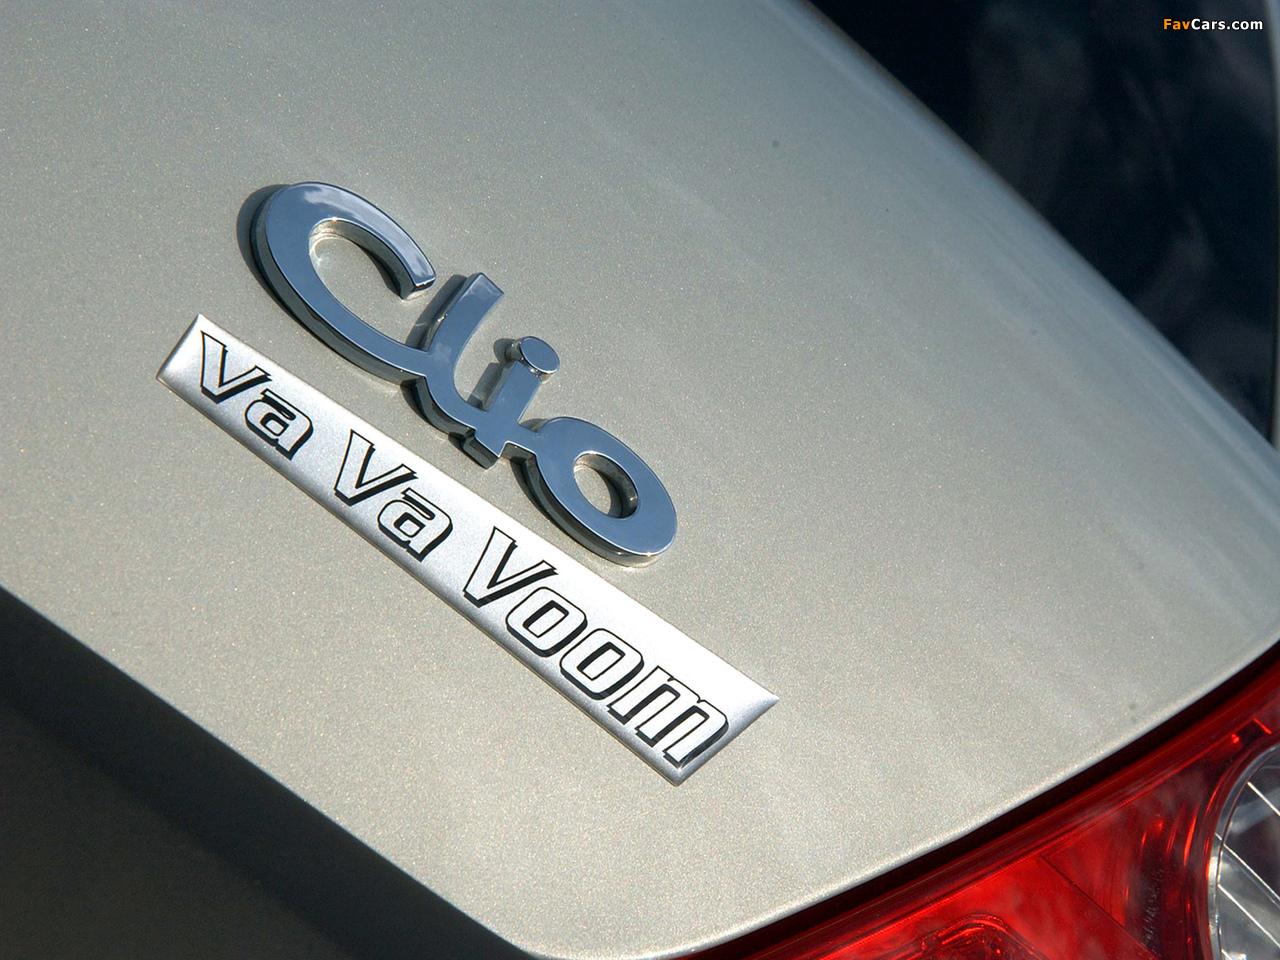 Renault Clio Va Va Voom 2004 pictures (1280 x 960)